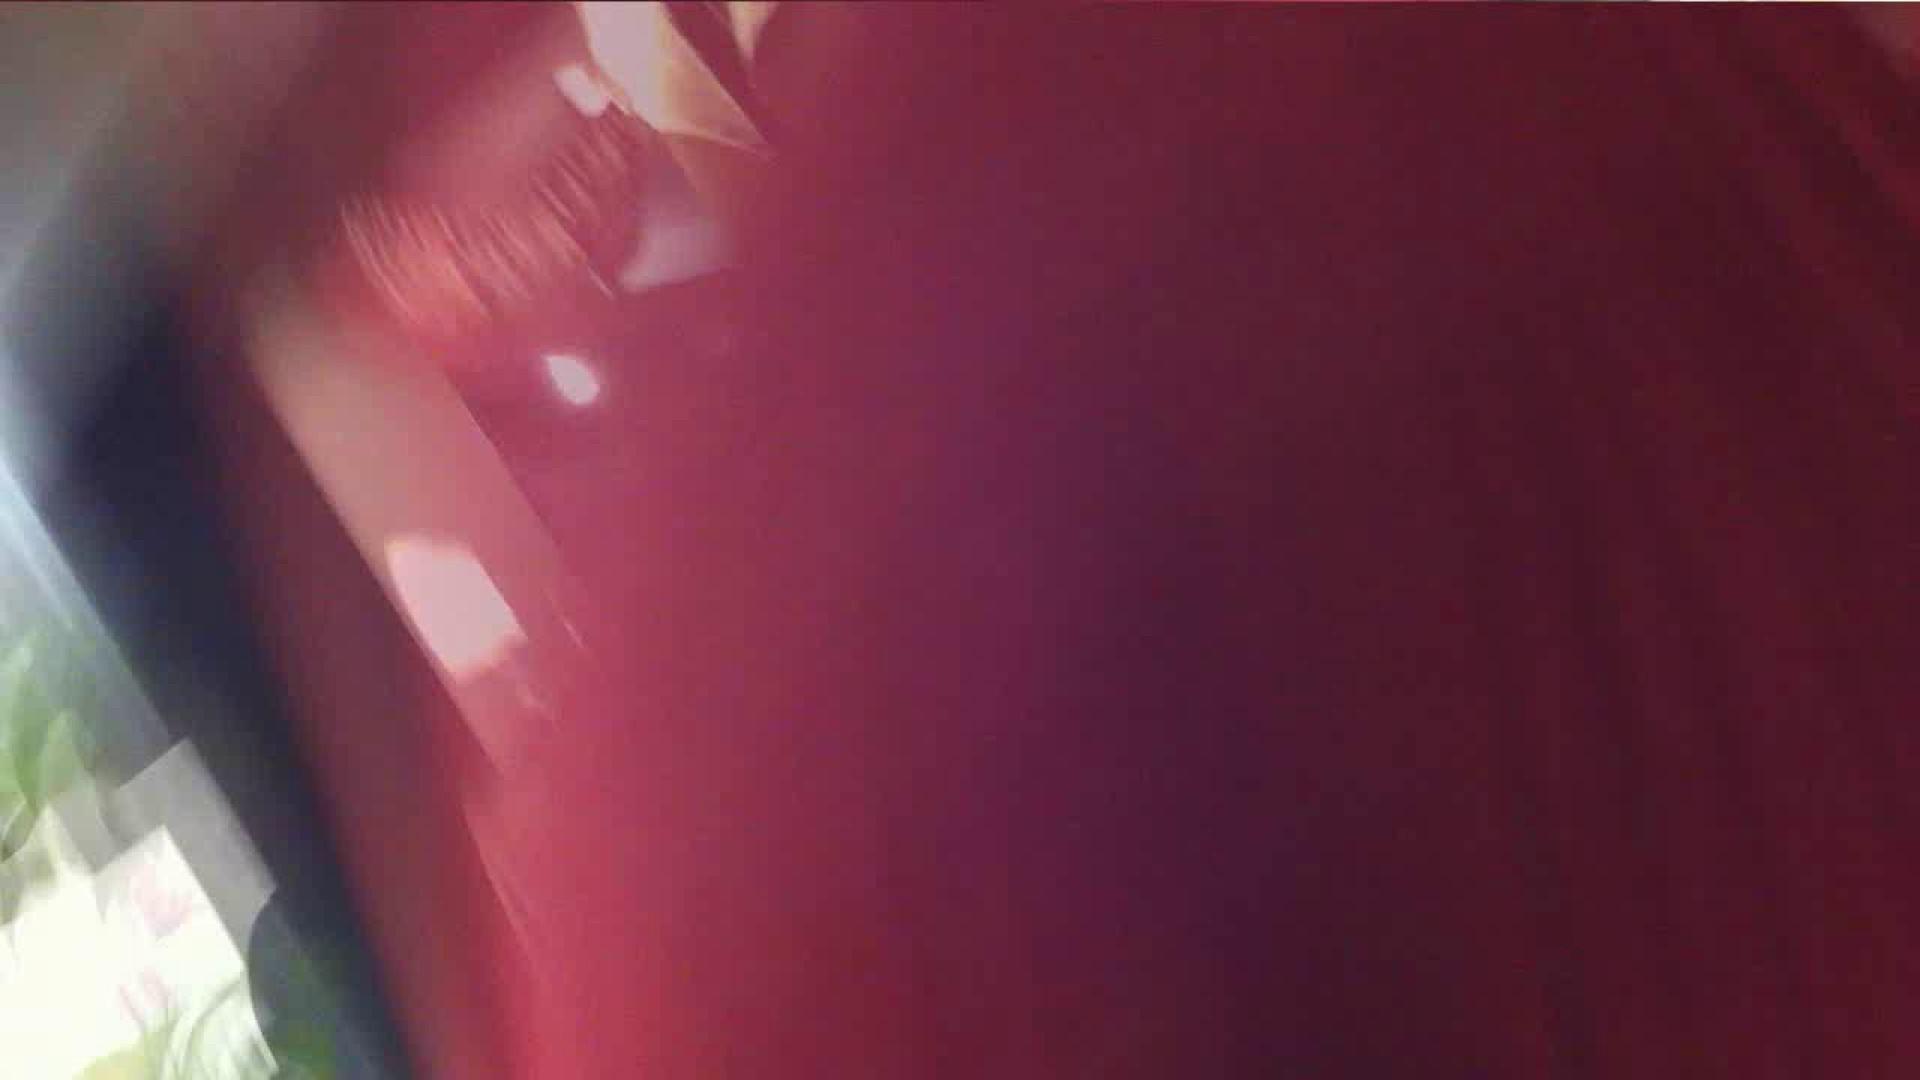 vol.33 美人アパレル胸チラ&パンチラ ギャル系ネーチャンの下着 OL  69pic 31